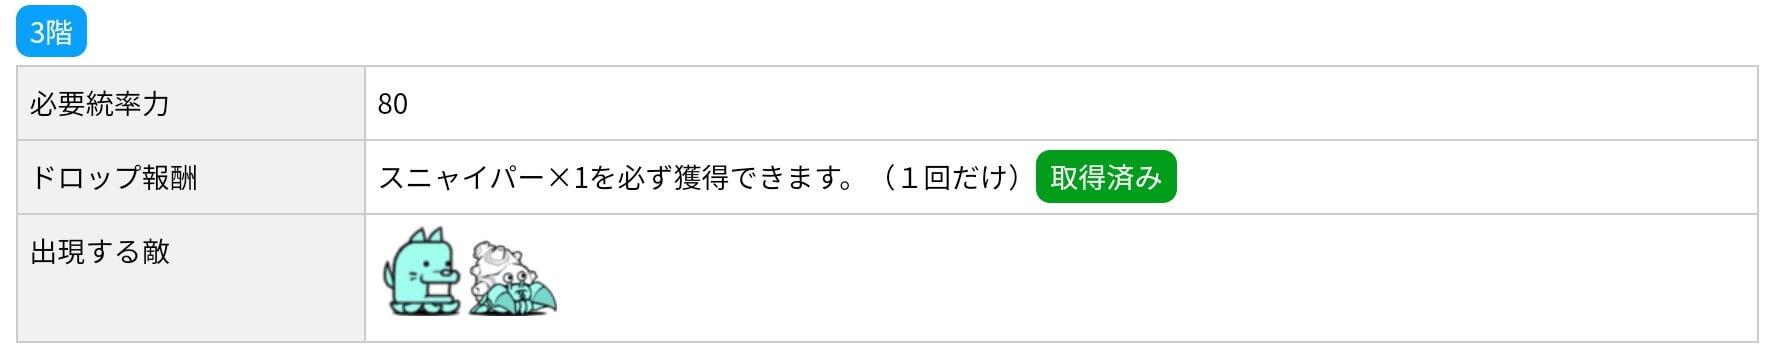 にゃんこ別塔(蒼)3階 敵編成